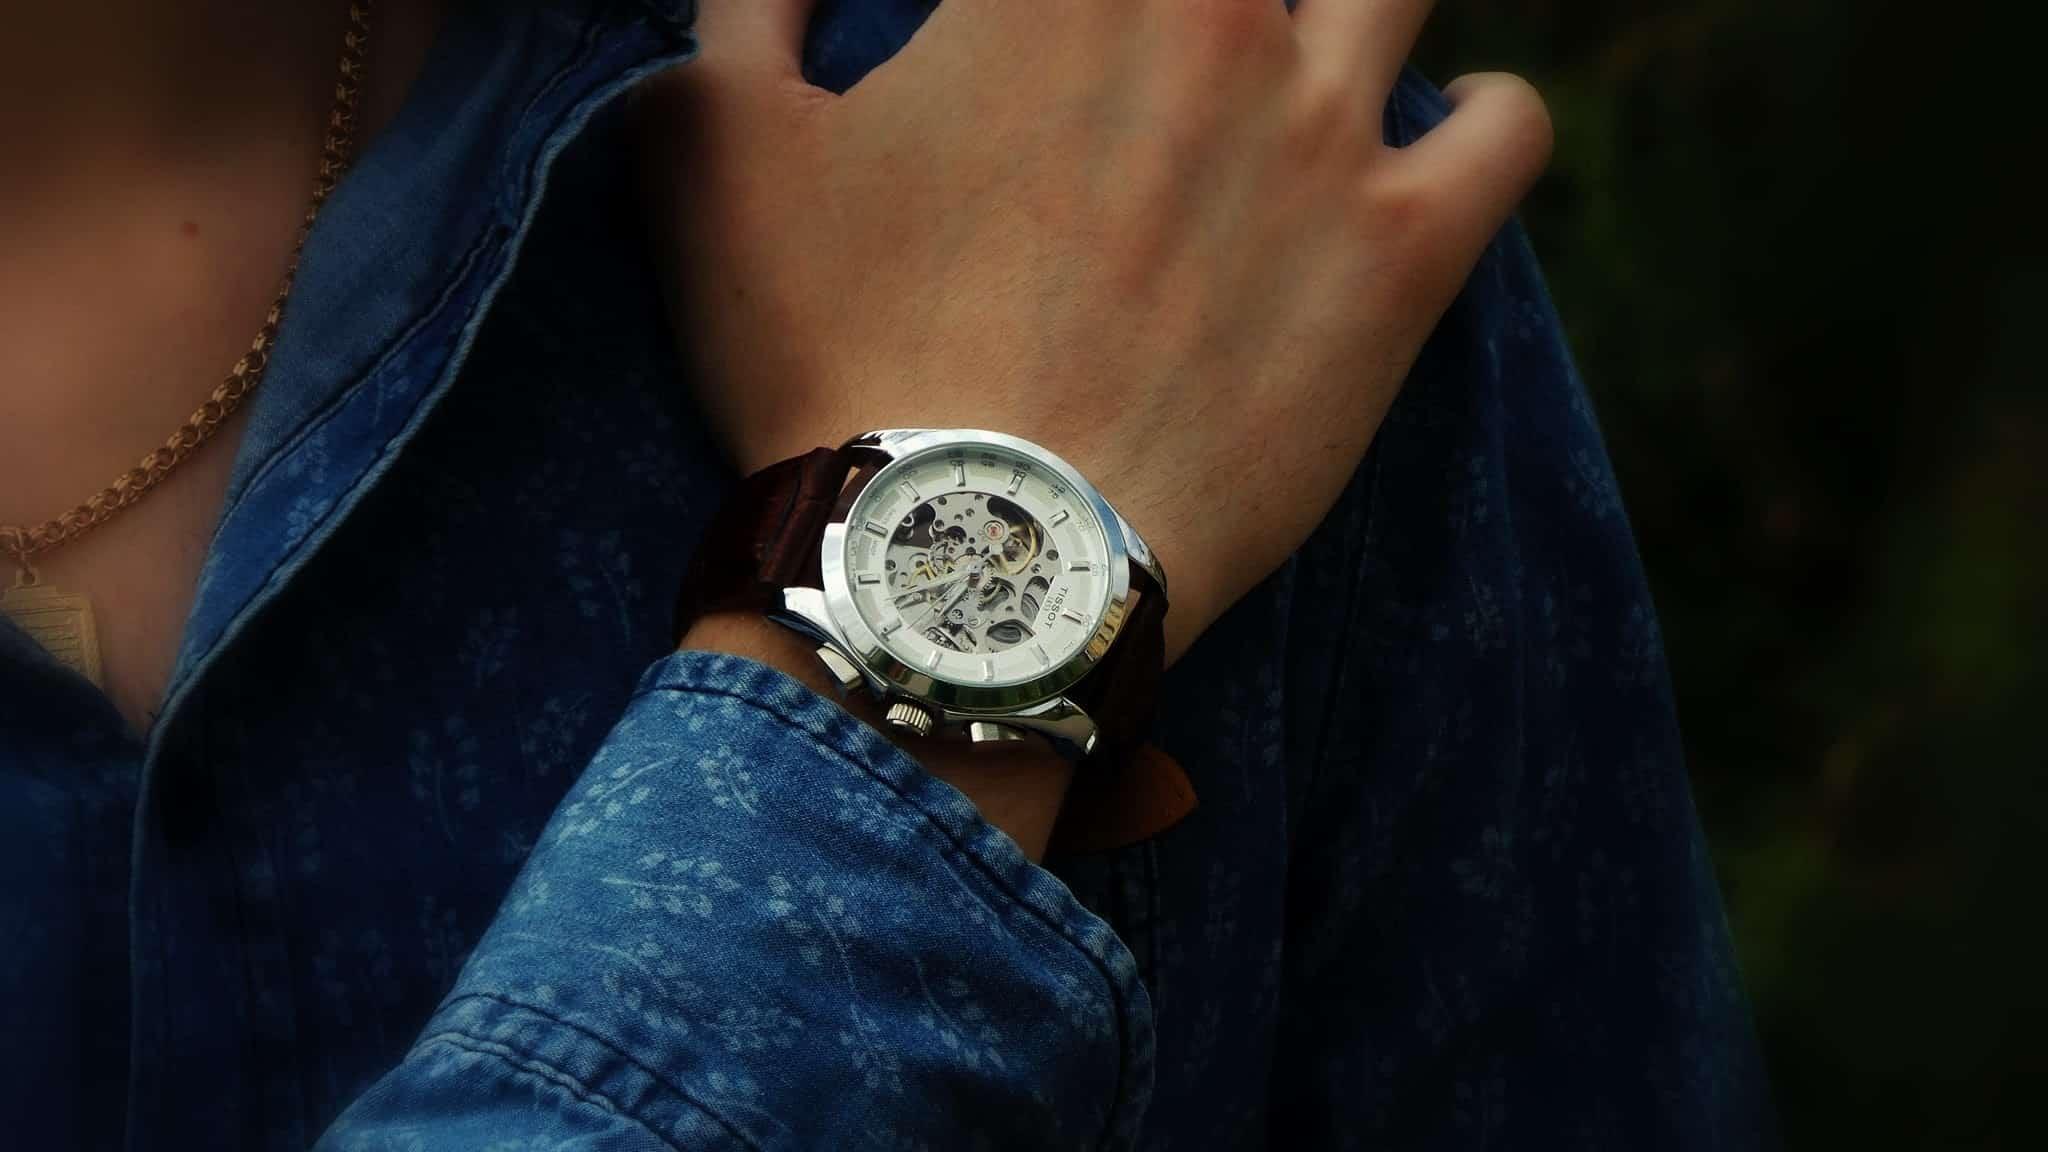 Во сне подарили наручные часы